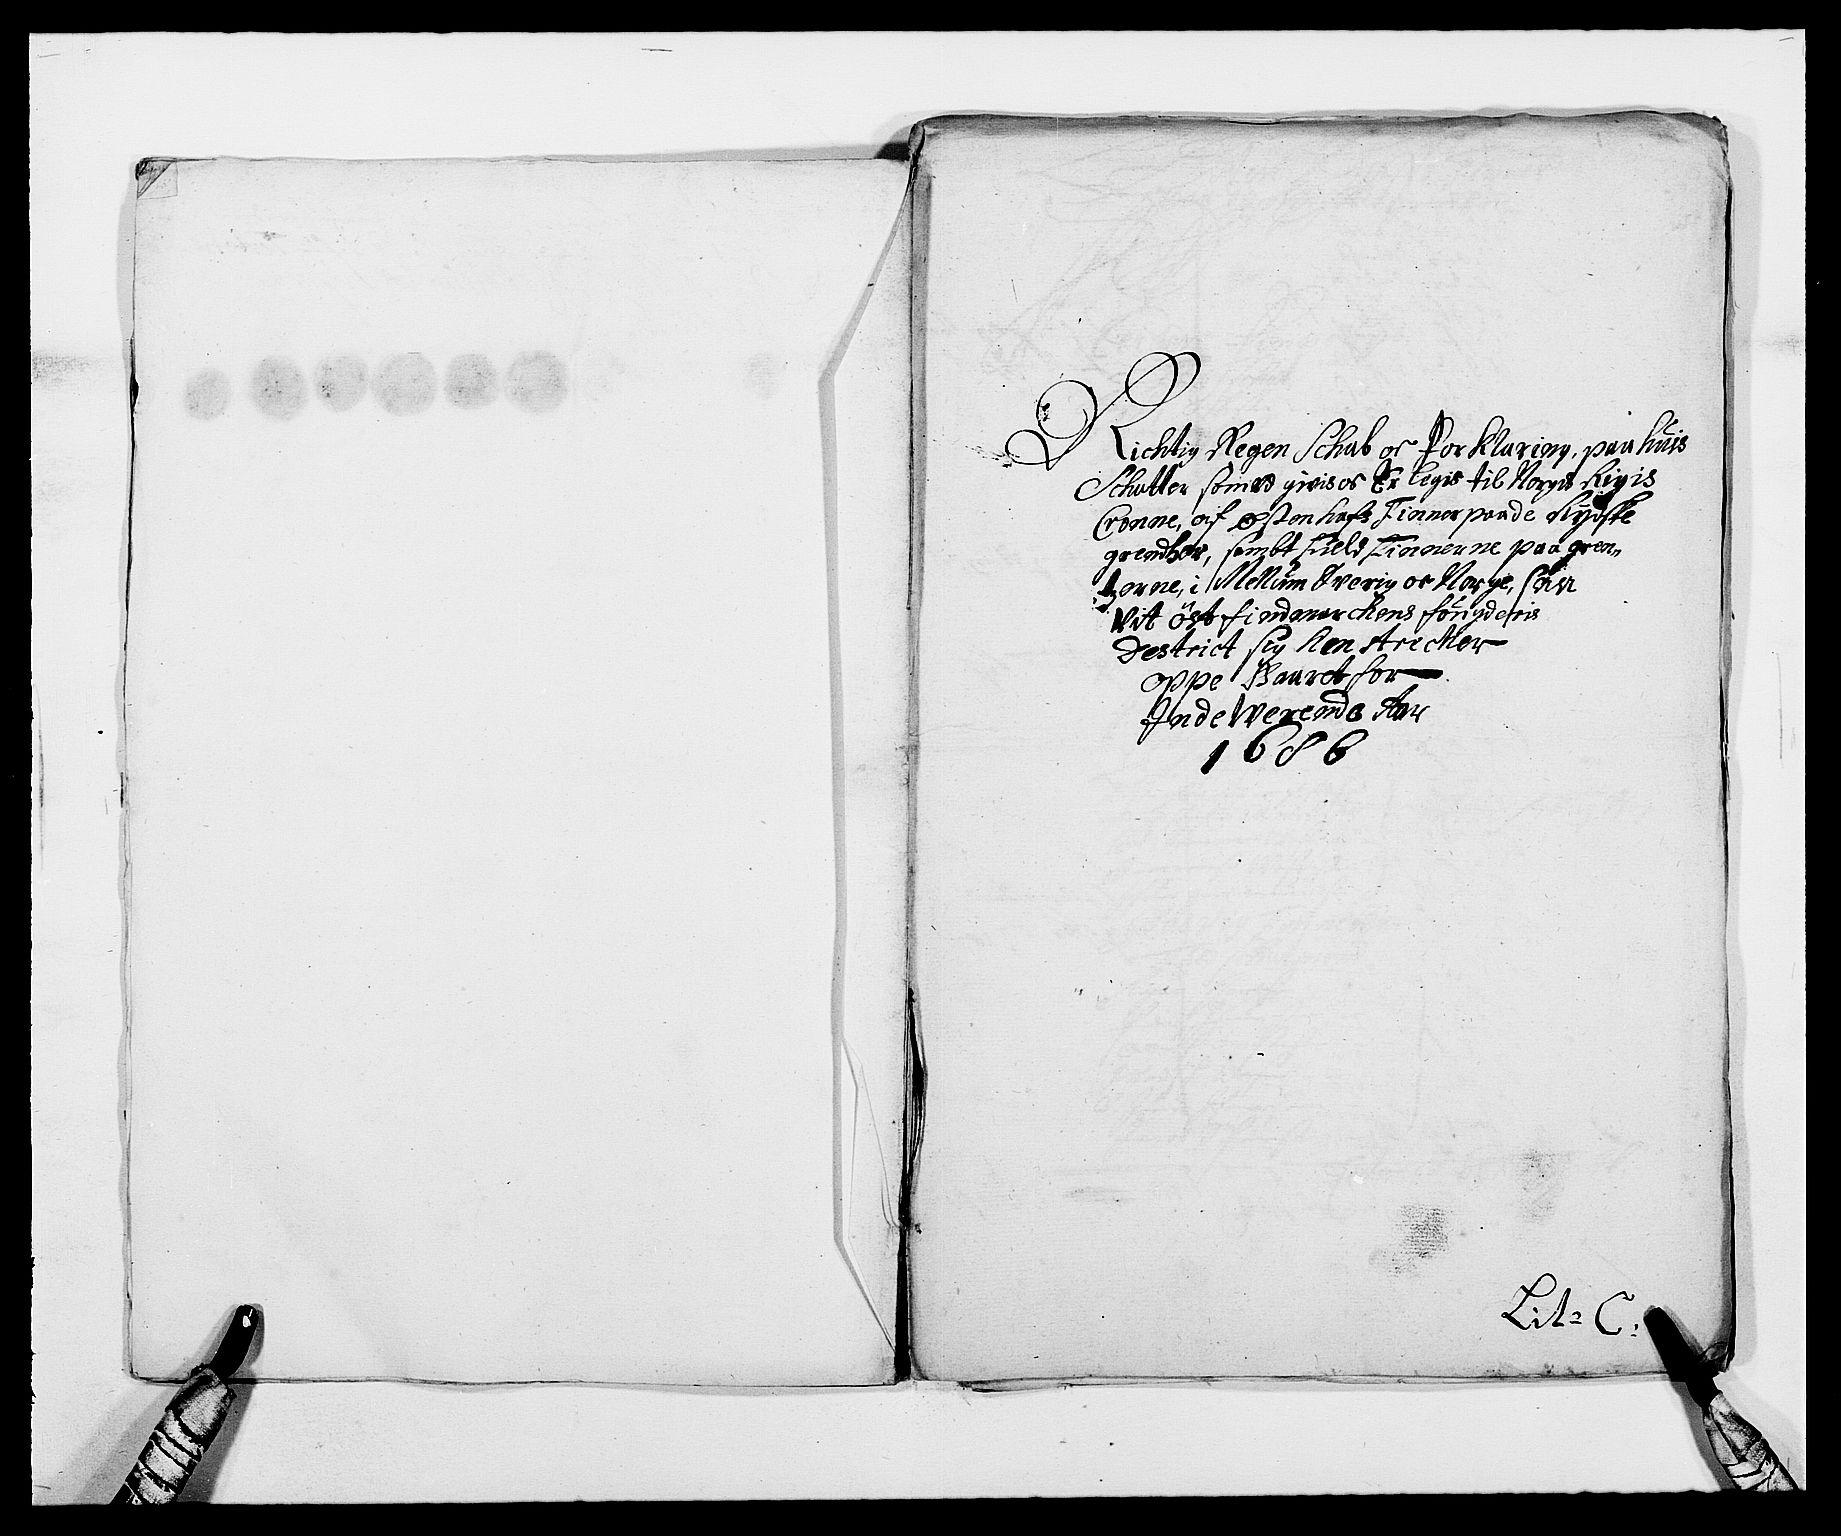 RA, Rentekammeret inntil 1814, Reviderte regnskaper, Fogderegnskap, R69/L4850: Fogderegnskap Finnmark/Vardøhus, 1680-1690, s. 53